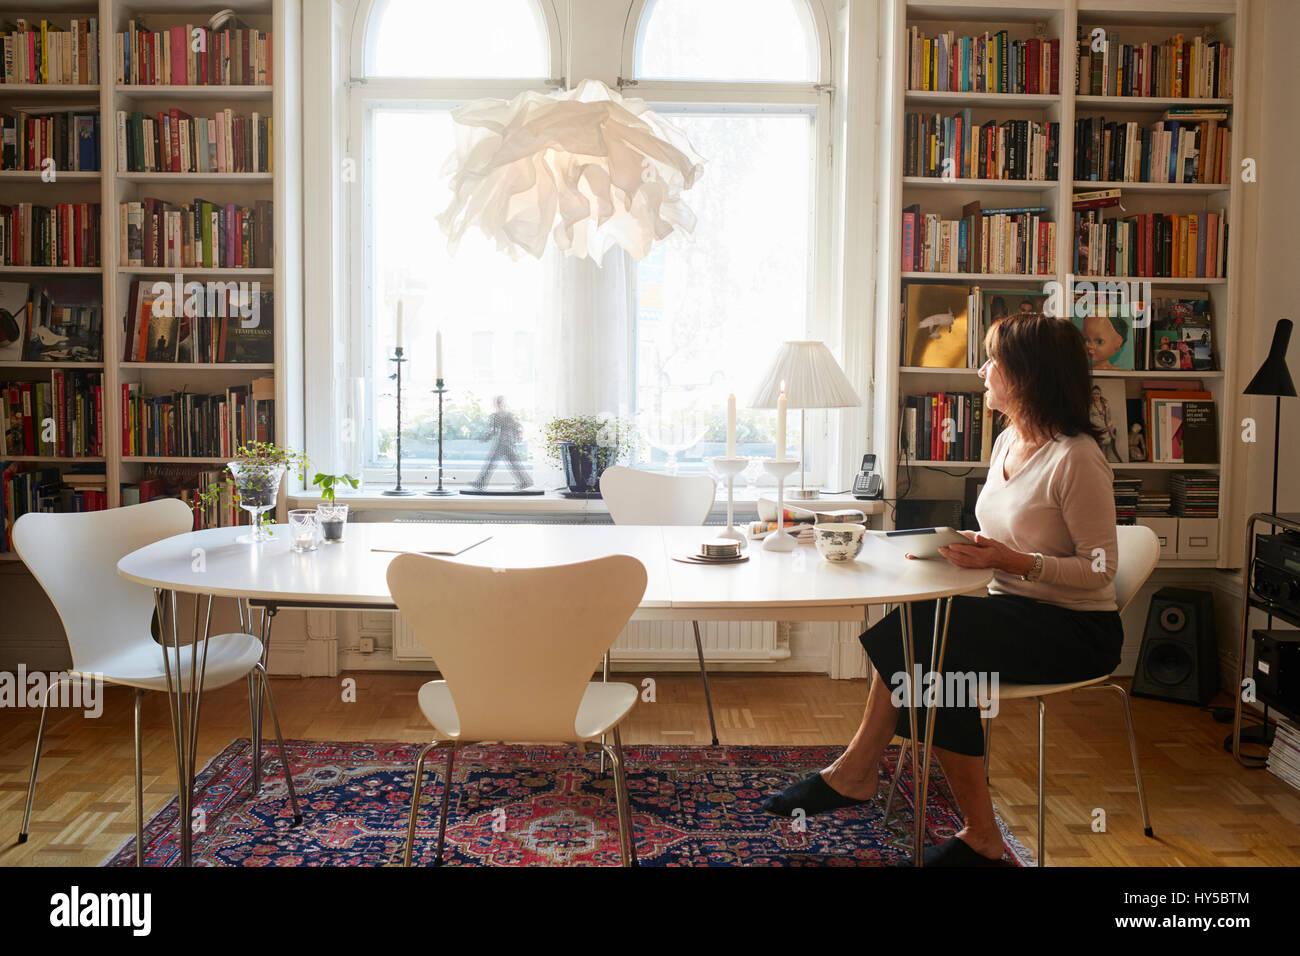 La Svezia, donna seduta da solo al tavolo Immagini Stock